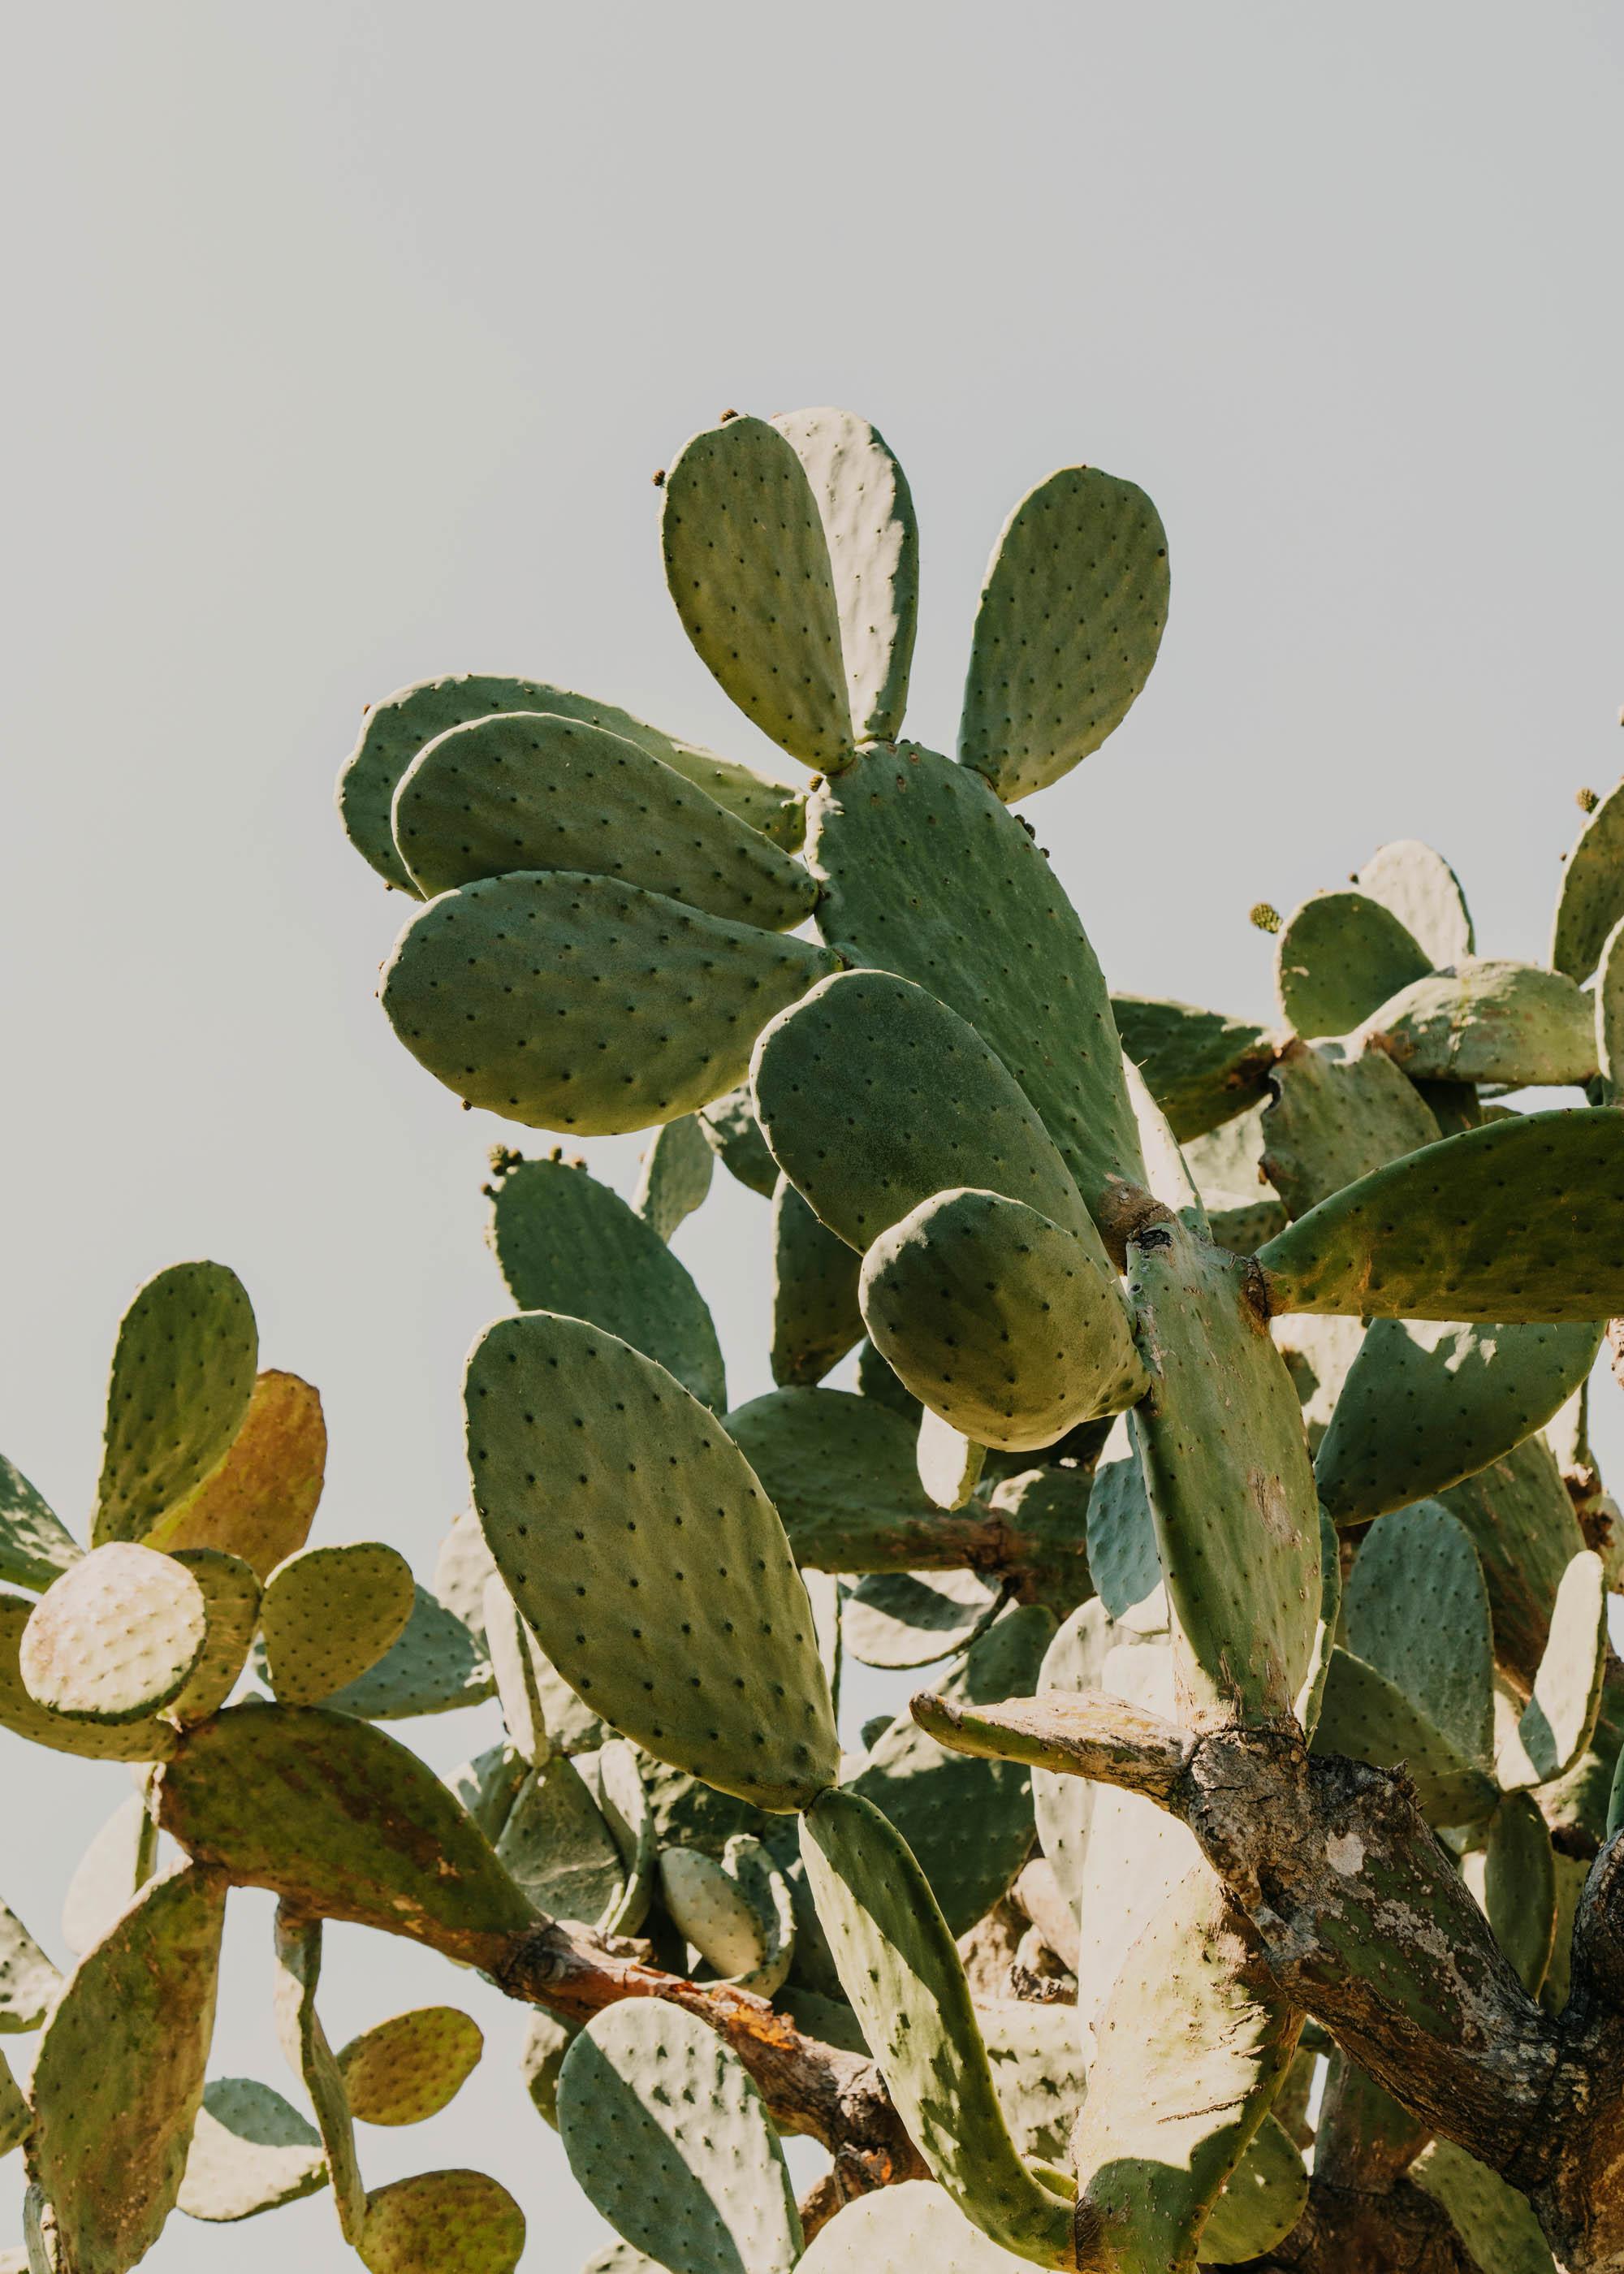 #editorial #italy #puglia #masseria #morosseta #plants #openhouse #cactus